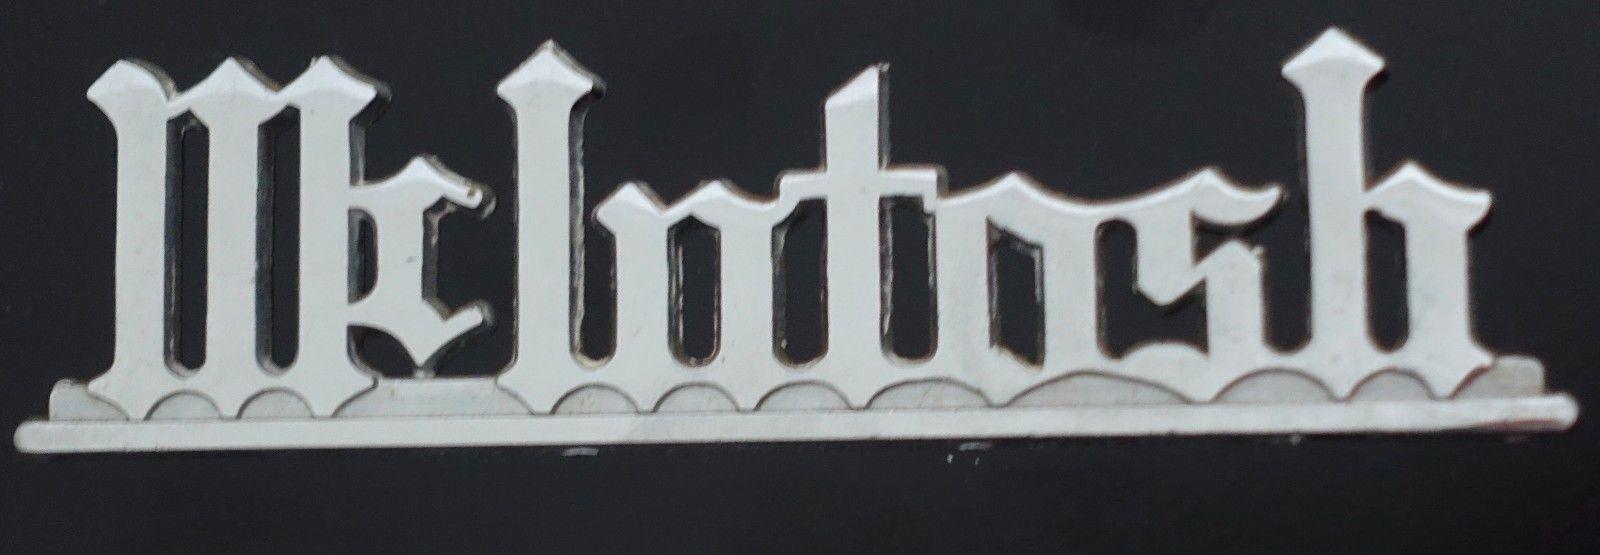 mcintosh logo for sale classifieds